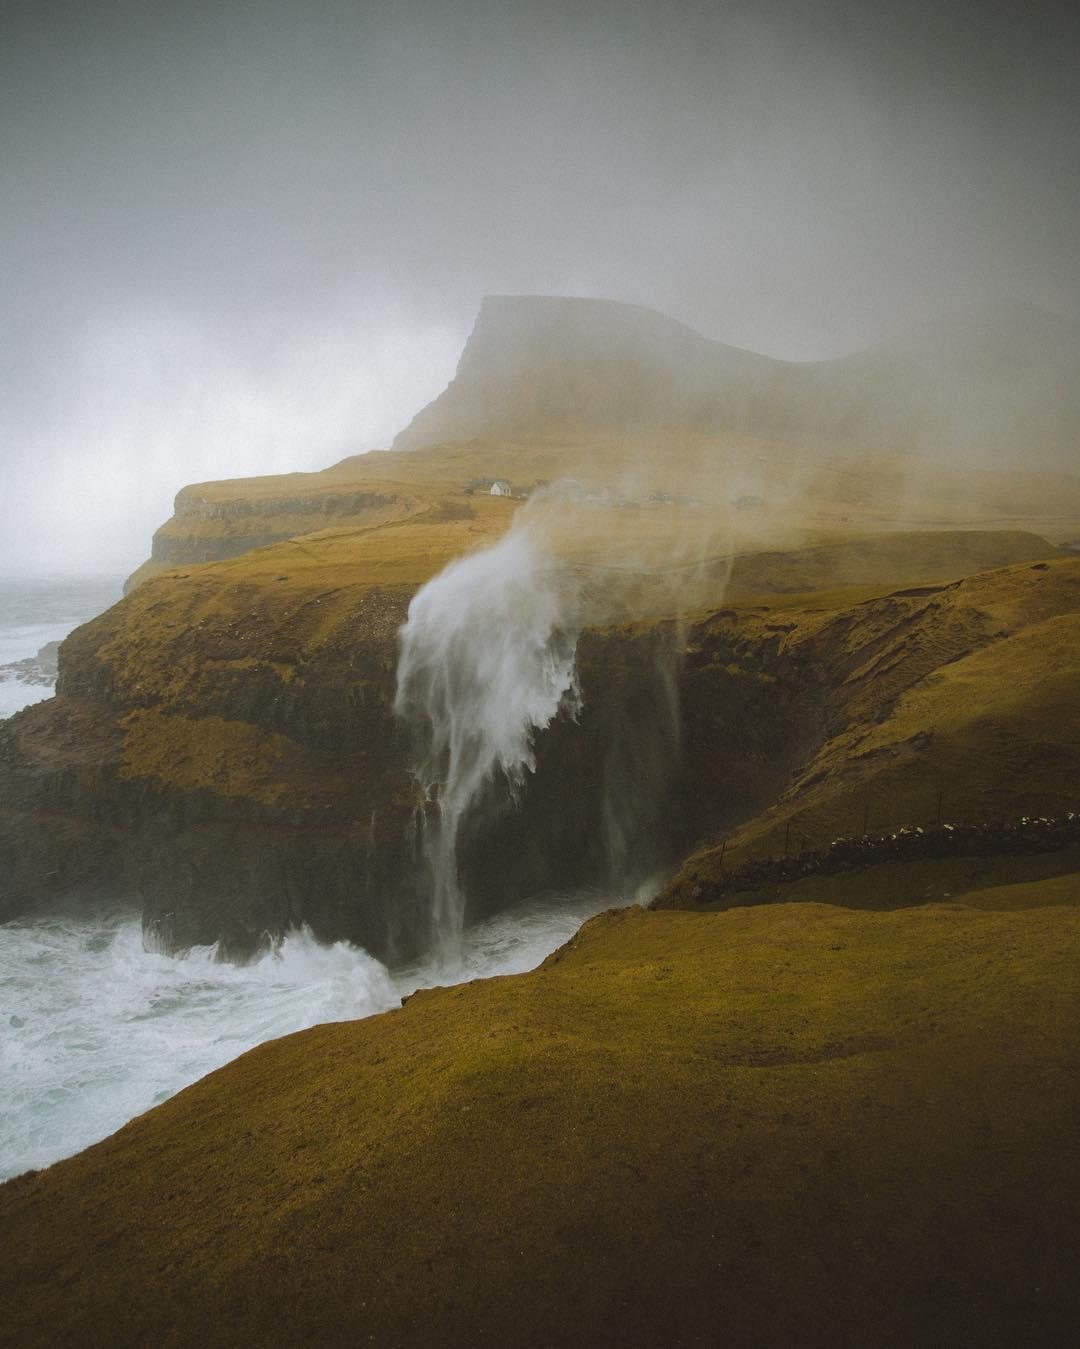 Потрясающие снимки путешествий и природы от Tucker Doss Troupe